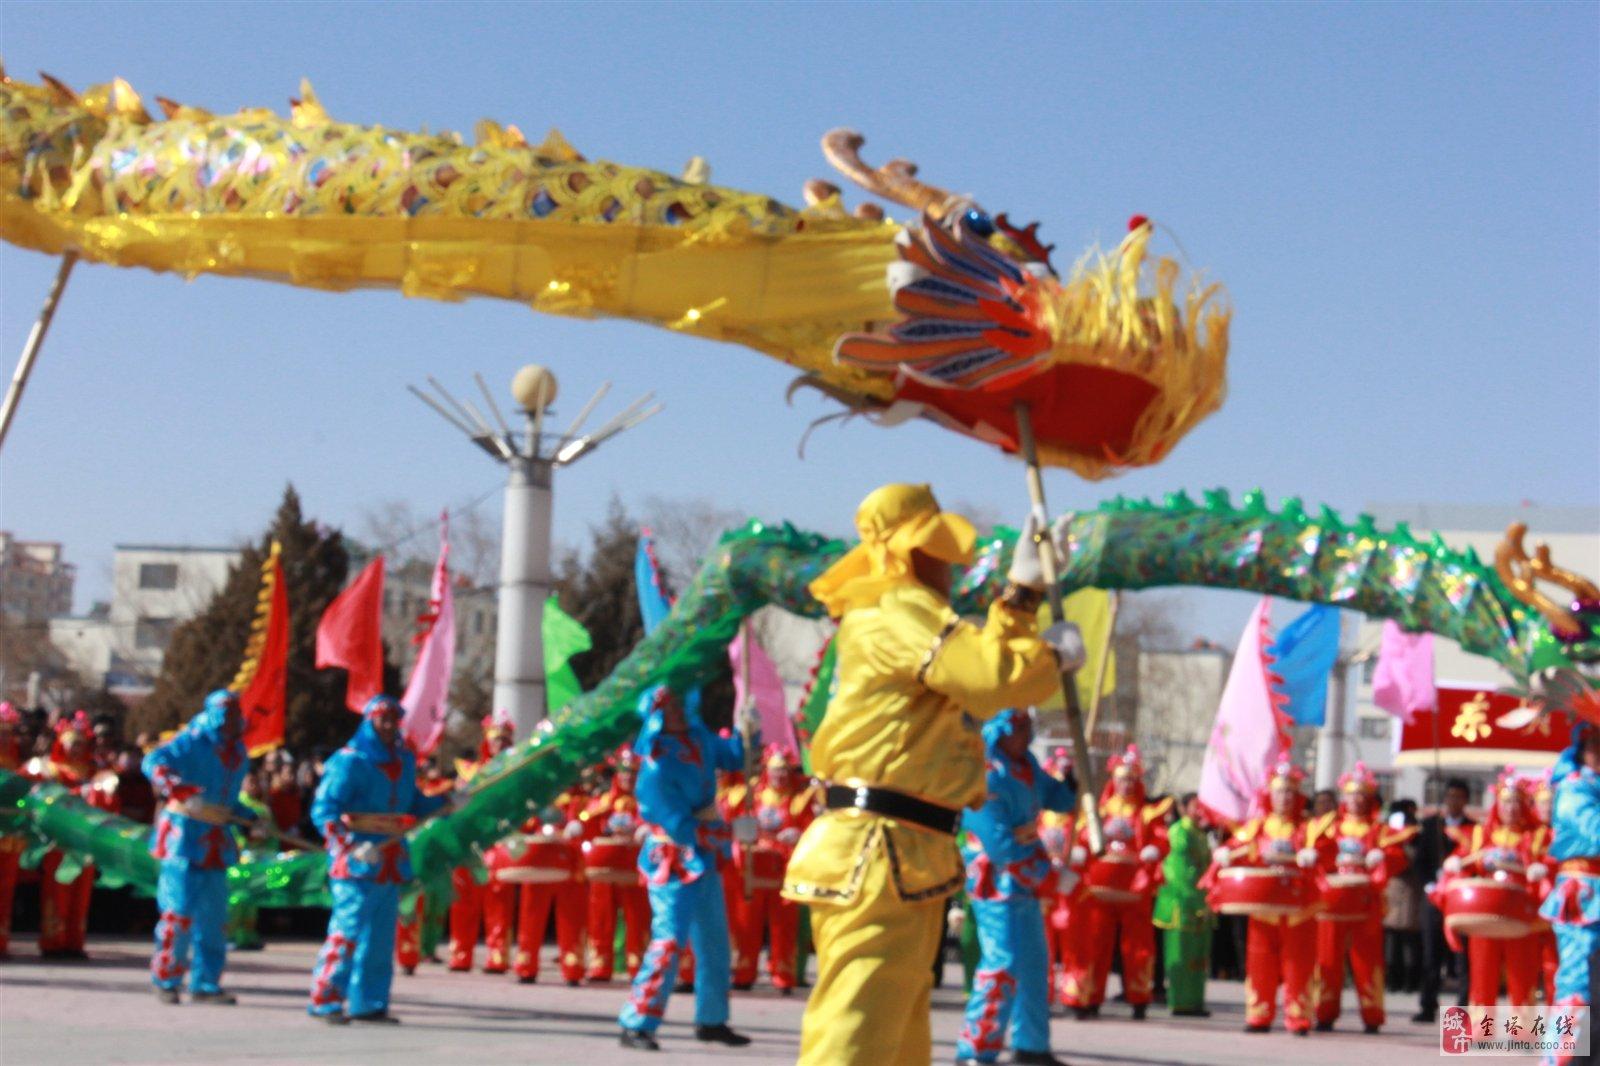 新潮的舞狮舞龙,糅合了传统舞狮刚劲的动作和风姿